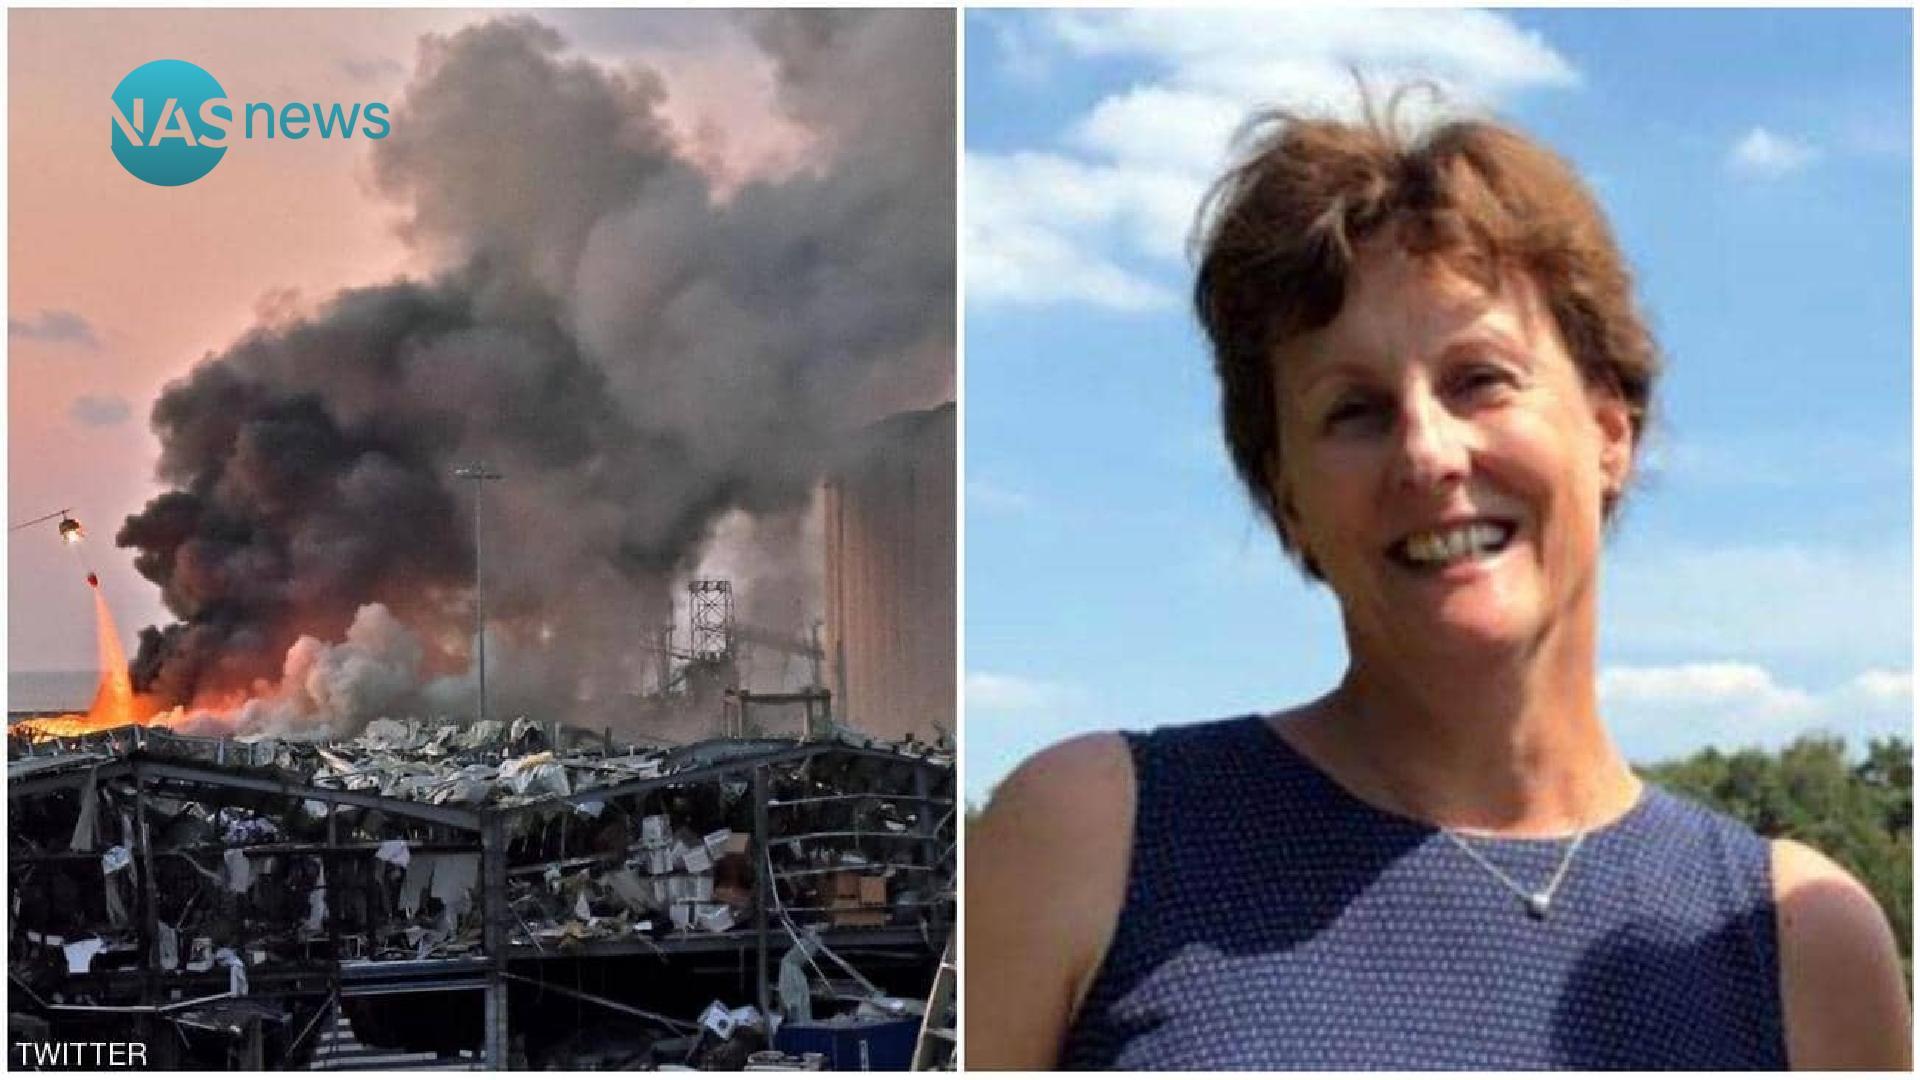 وفاة زوجة السفير الهولندي في لبنان في انفجار مرفأ بيروت